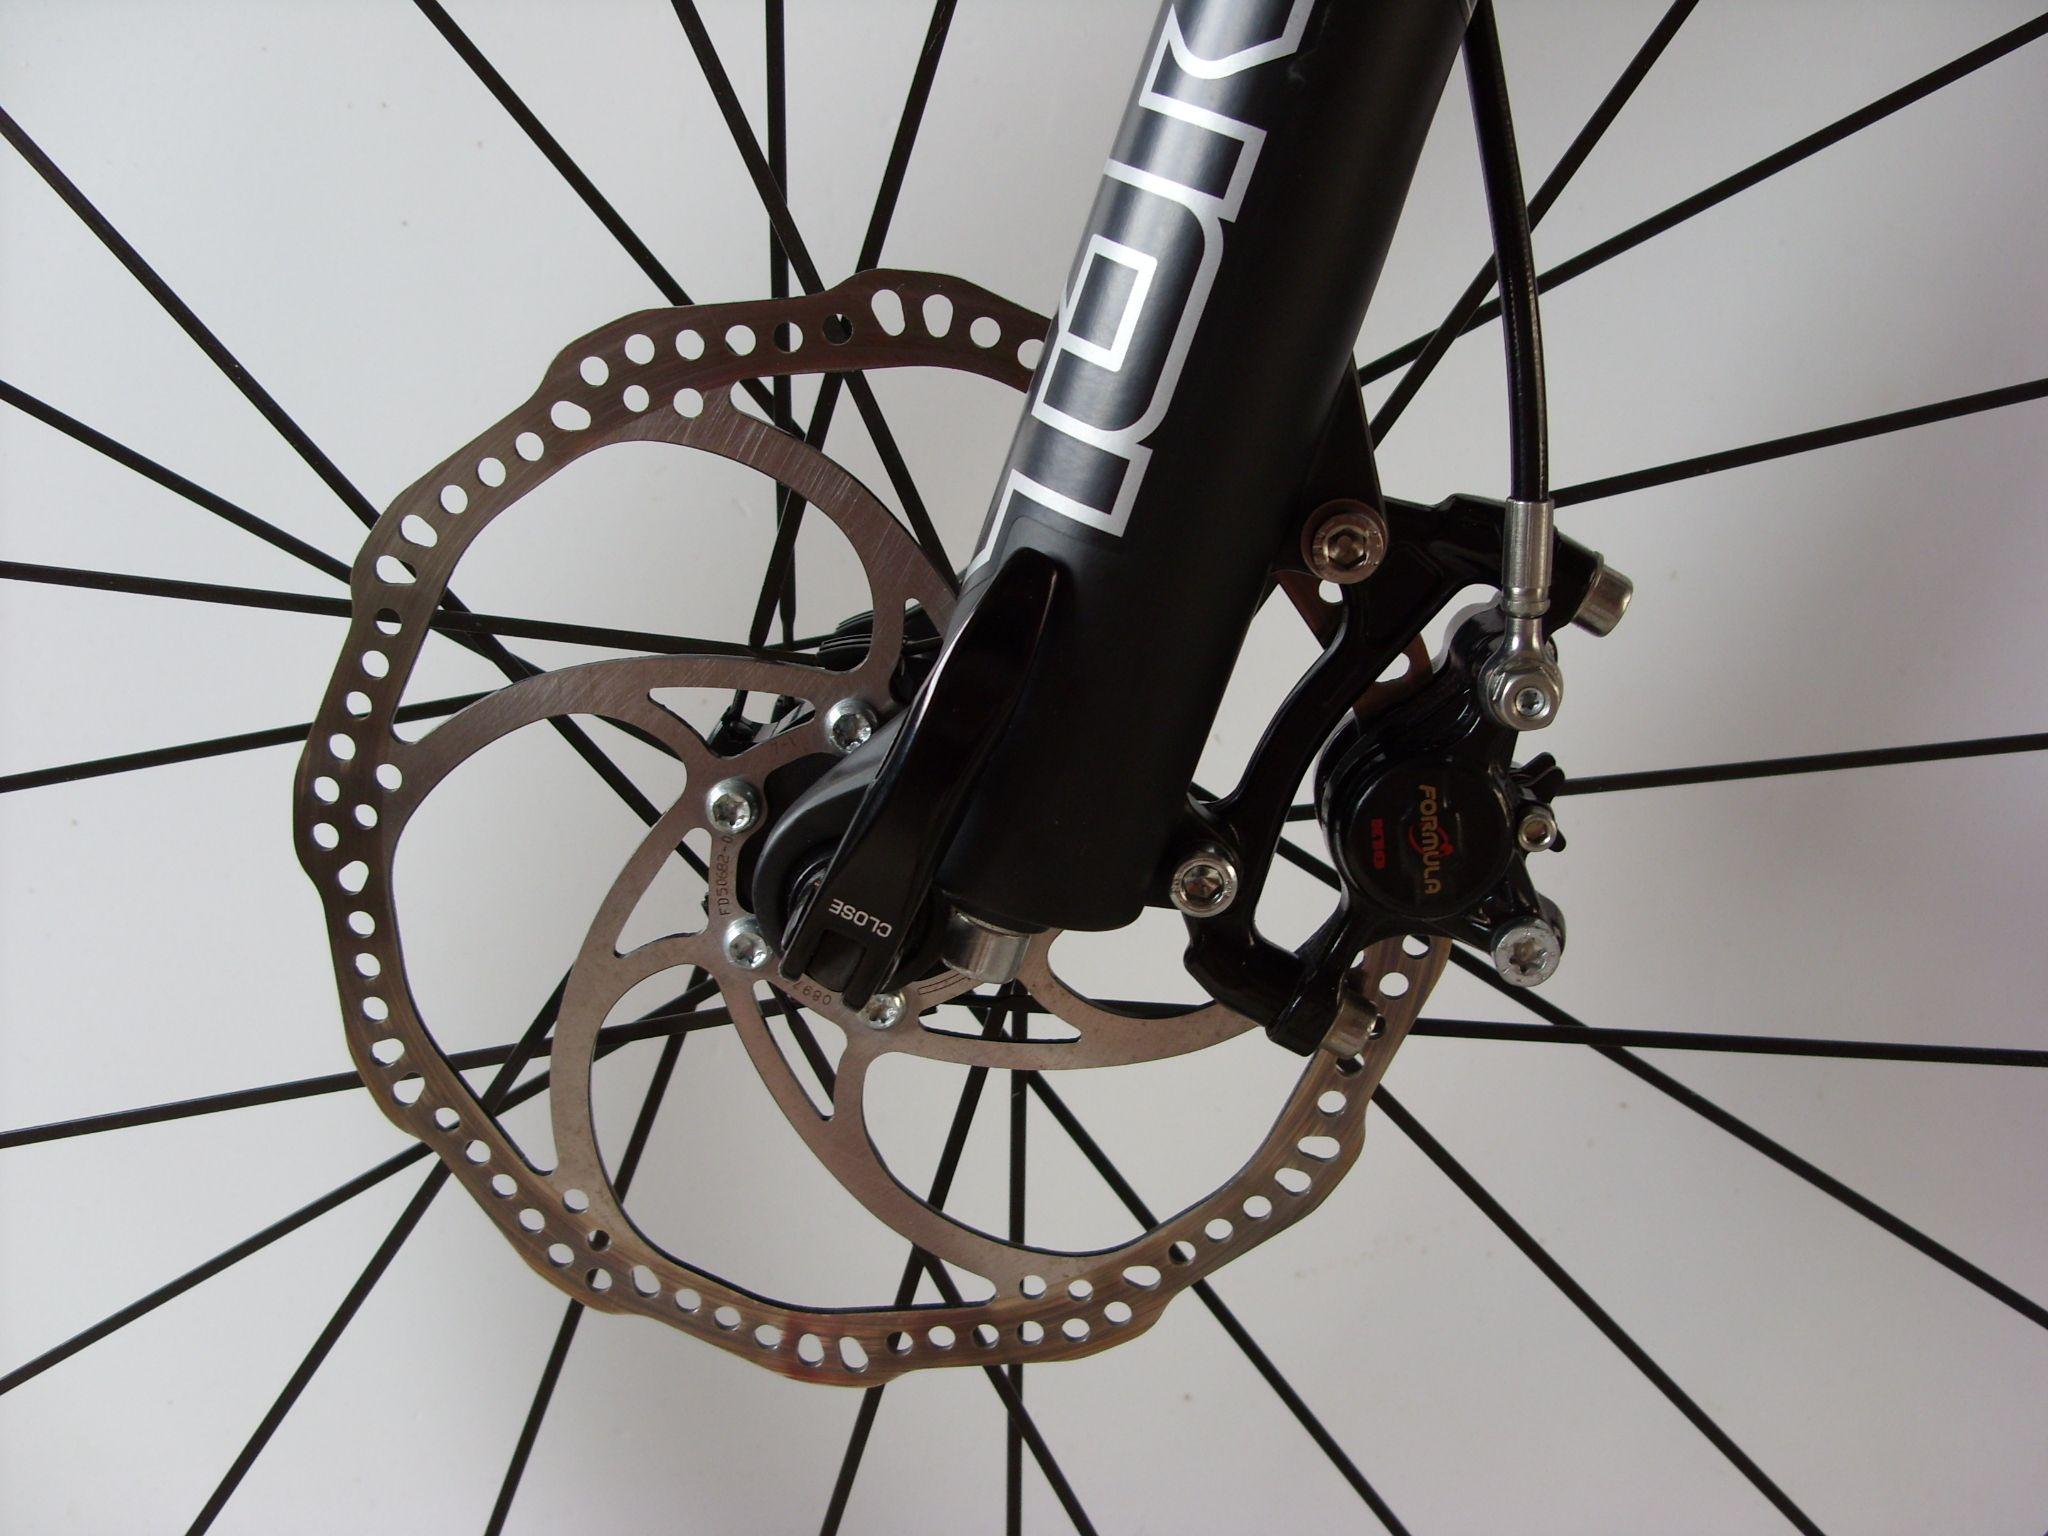 Рейтинг лучших дисковых тормозов для велосипеда 2020 года